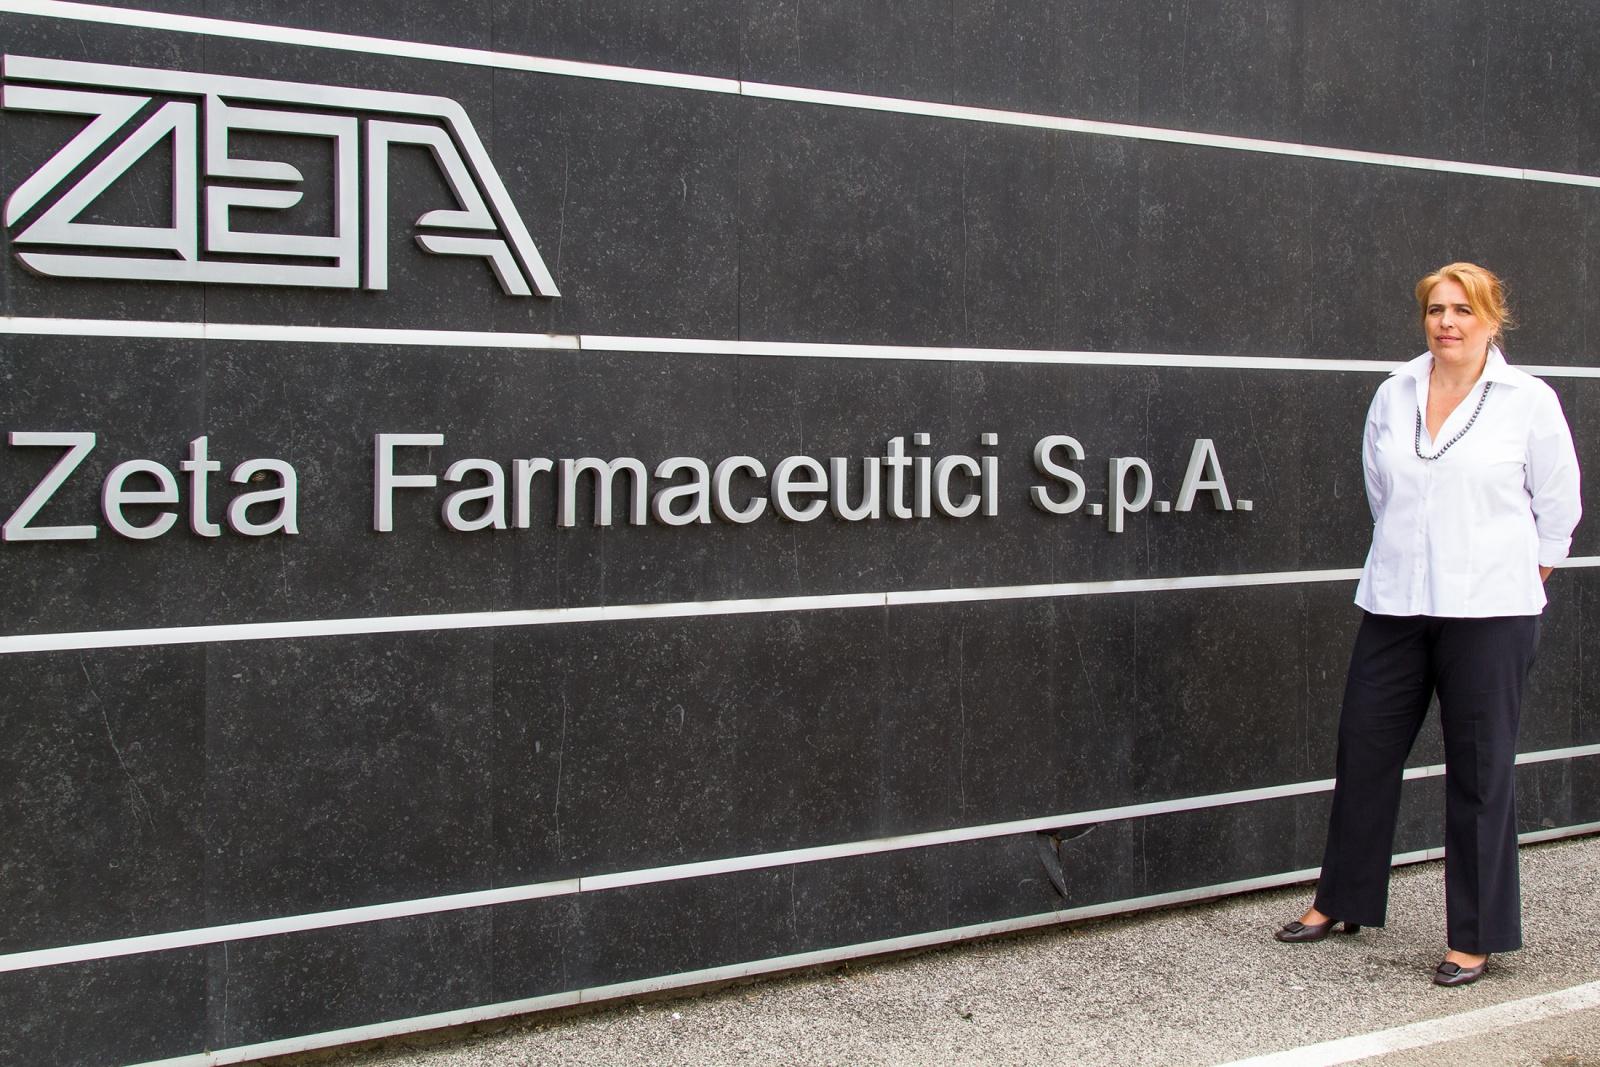 Zeta Farmaceutici  - Zeta Farmaceutici S.p.A. Marta Benedetti Amministratore Delegato Zeta Farmaceutici S.p.A. Foto Copyright Andrea Brintazzoli